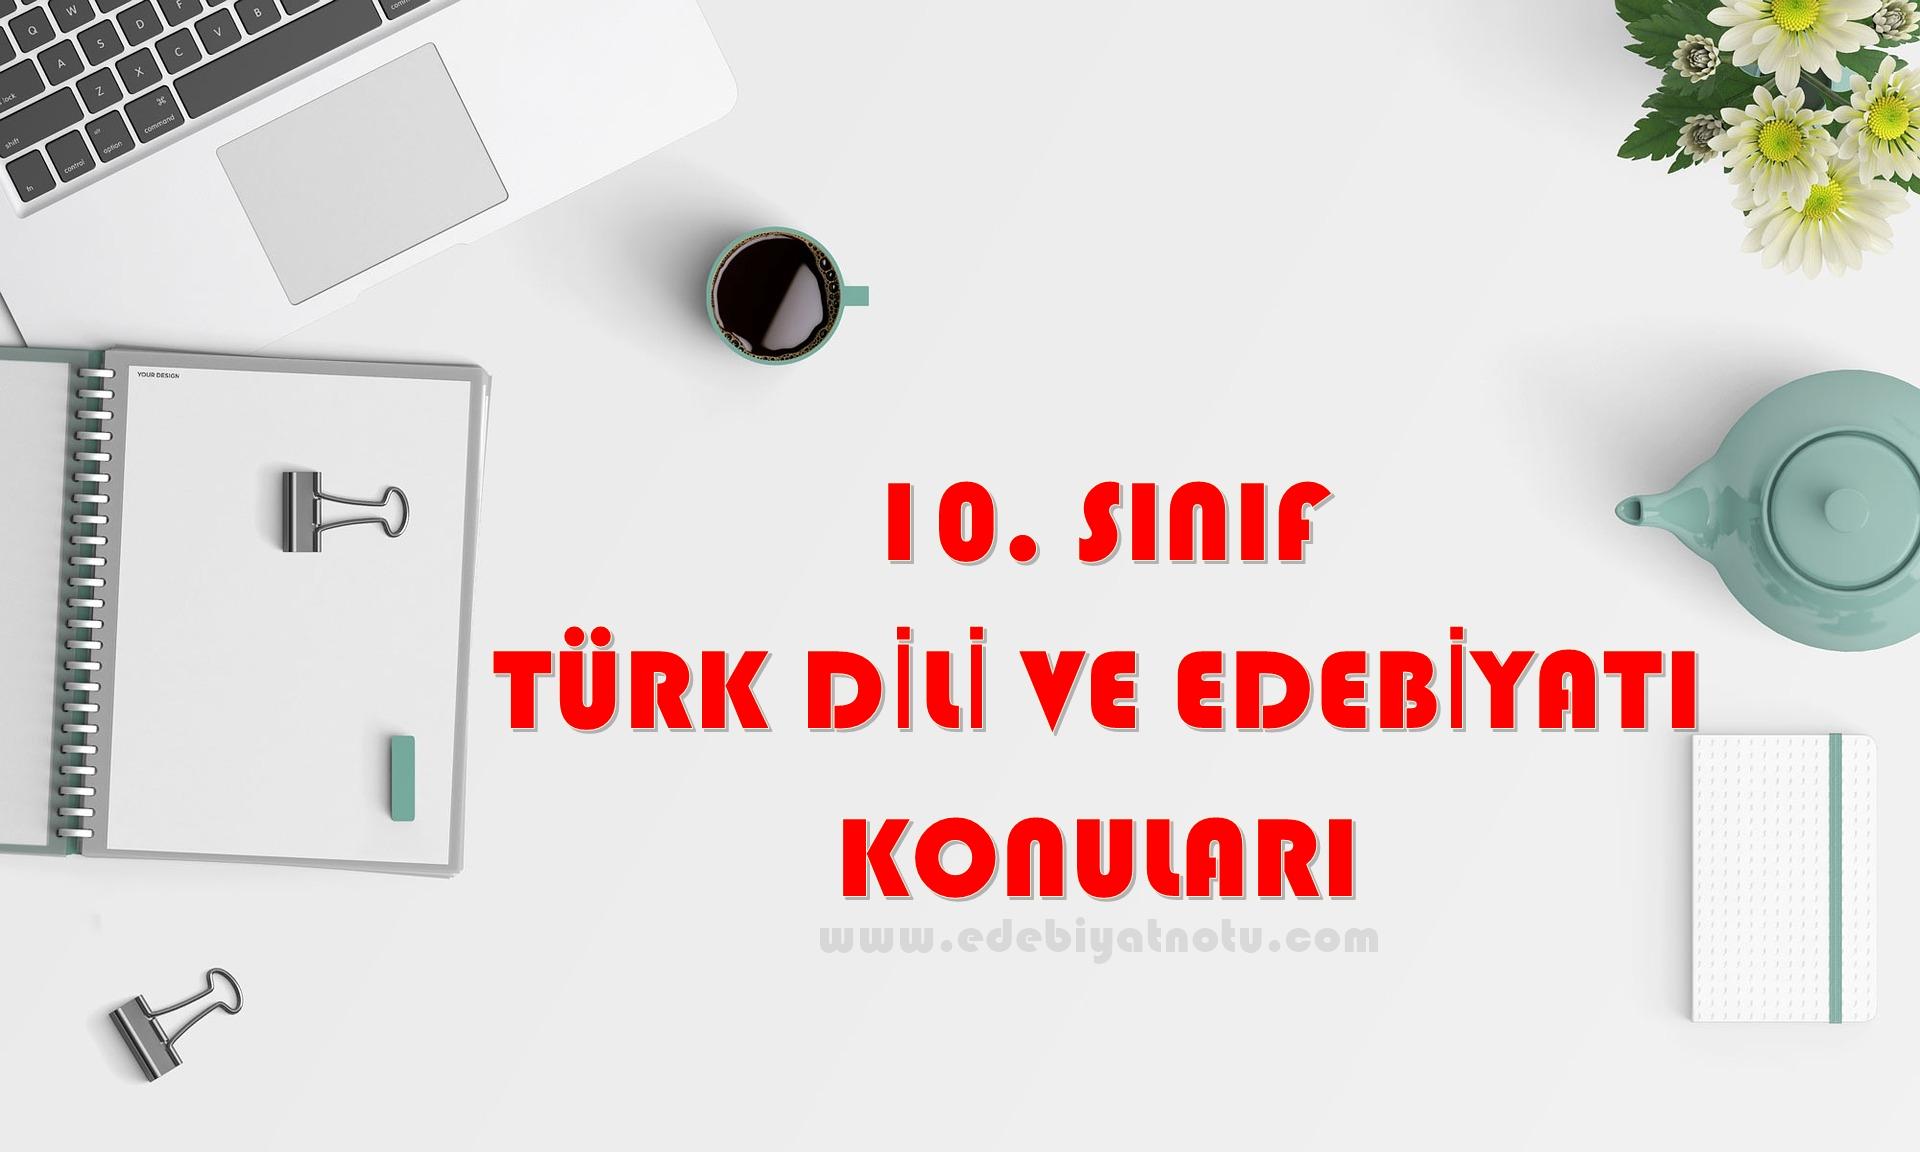 10. Sınıf Türk Dili ve Edebiyatı Konuları